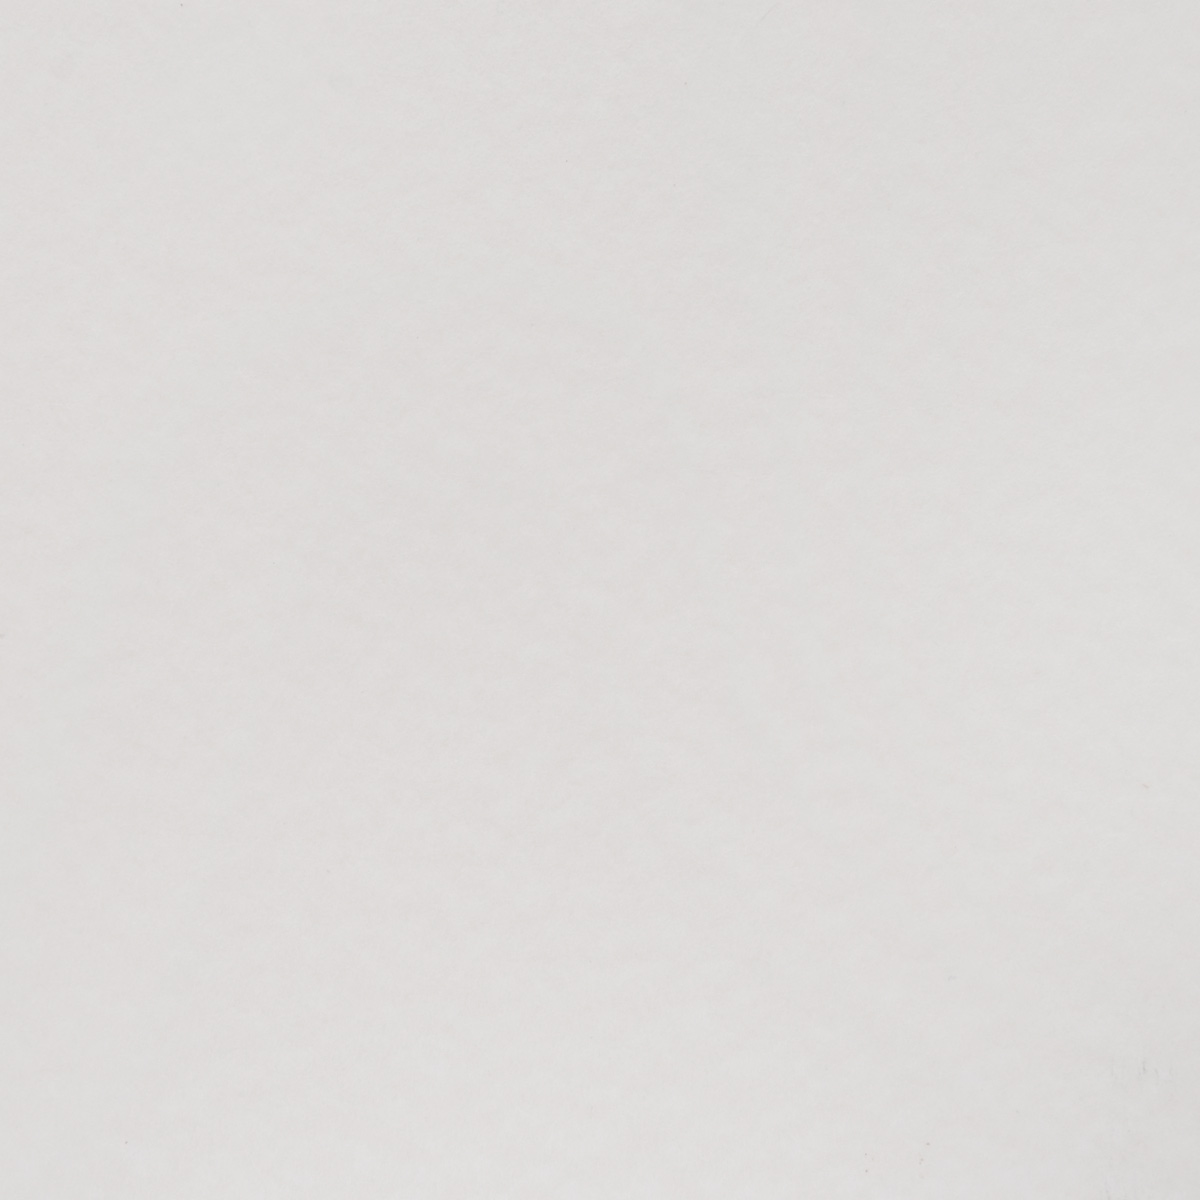 Картон пивнойHobby&You, немелованный, 1,15 мм, 20 x 20 см. KP20-1-150703415Картон Hobby&You обладает меньшим весом и более светлым оттенком в сравнении с переплетным. Именно из этого материала изготавливают подставки под пивные и другие напитки. Пивной картон используется для скрапбукинга благодаря целому ряду неоспоримых преимуществ:Небольшой вес, что благоприятно сказывается на его применении в создании крупных и масштабных конструкций.Легко впитывает влагу, что прямо влияет на успешное использования штампинга, нанесение красок, которые будут держаться на пивном картоне, не растекаясь по всему материалу.Высокая плотность, что вместе с небольшим весом дарит уникальную возможность создания основы для страниц, фотографий и картин.Свободно поддается резке ножом - данная особенность пивного картона позволяет создавать из него объекты, свободной формы.Пивной картон является многослойным материалом, который подвергаясь многократному впитыванию влаги продолжает выполнять свои функции, не оставляя следов на поверхности. Размер картона: 20 х 20 см.Толщина картона: 1,15 мм.